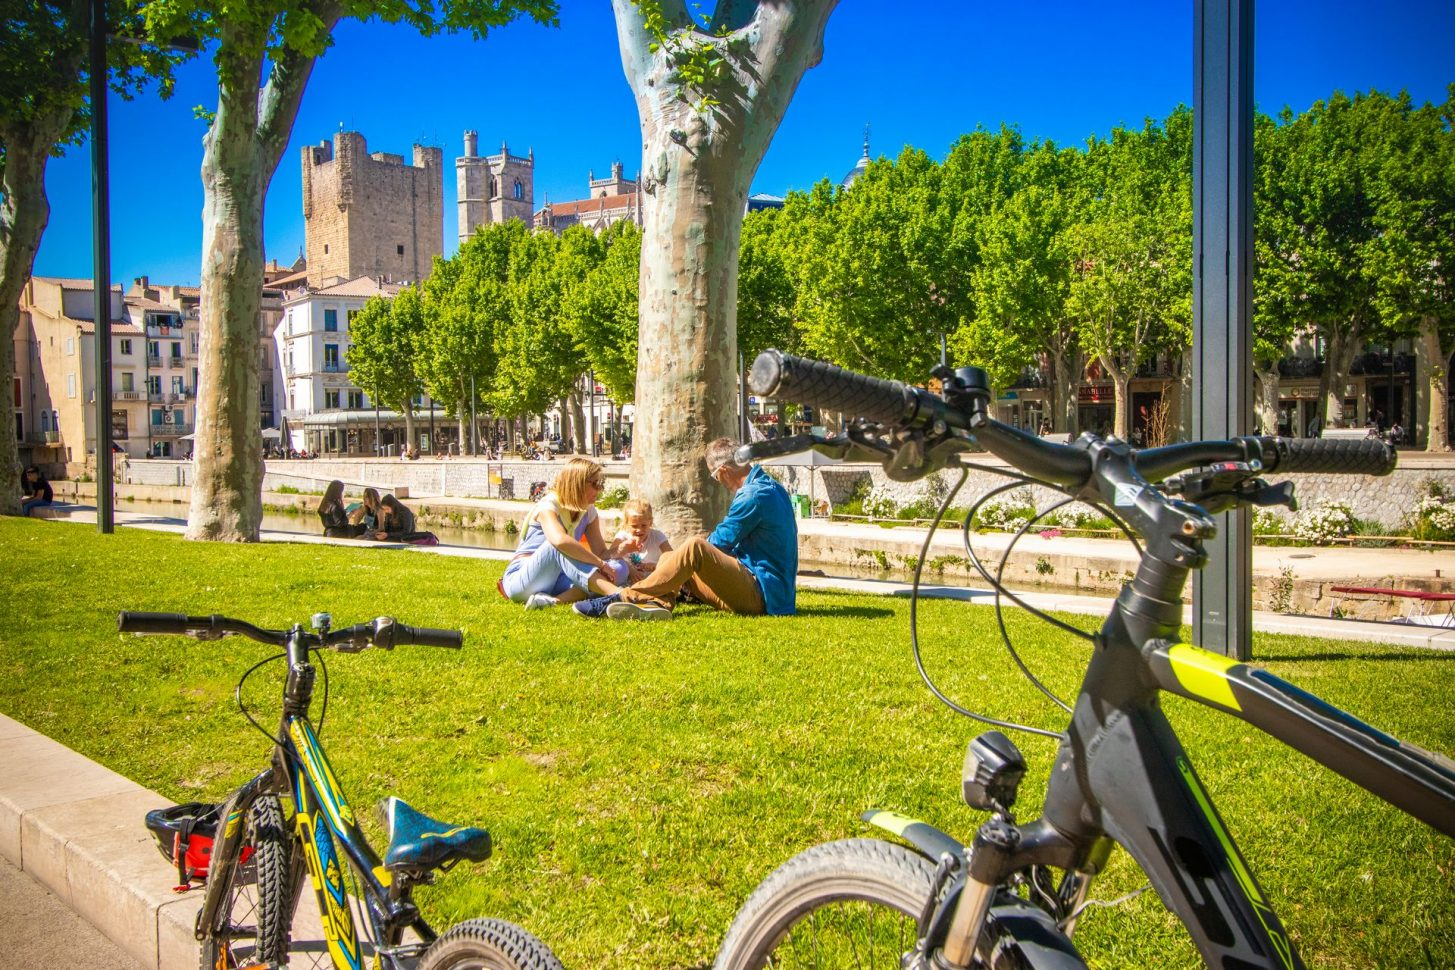 Narbonne, cathédrale, canal de la robine, famille